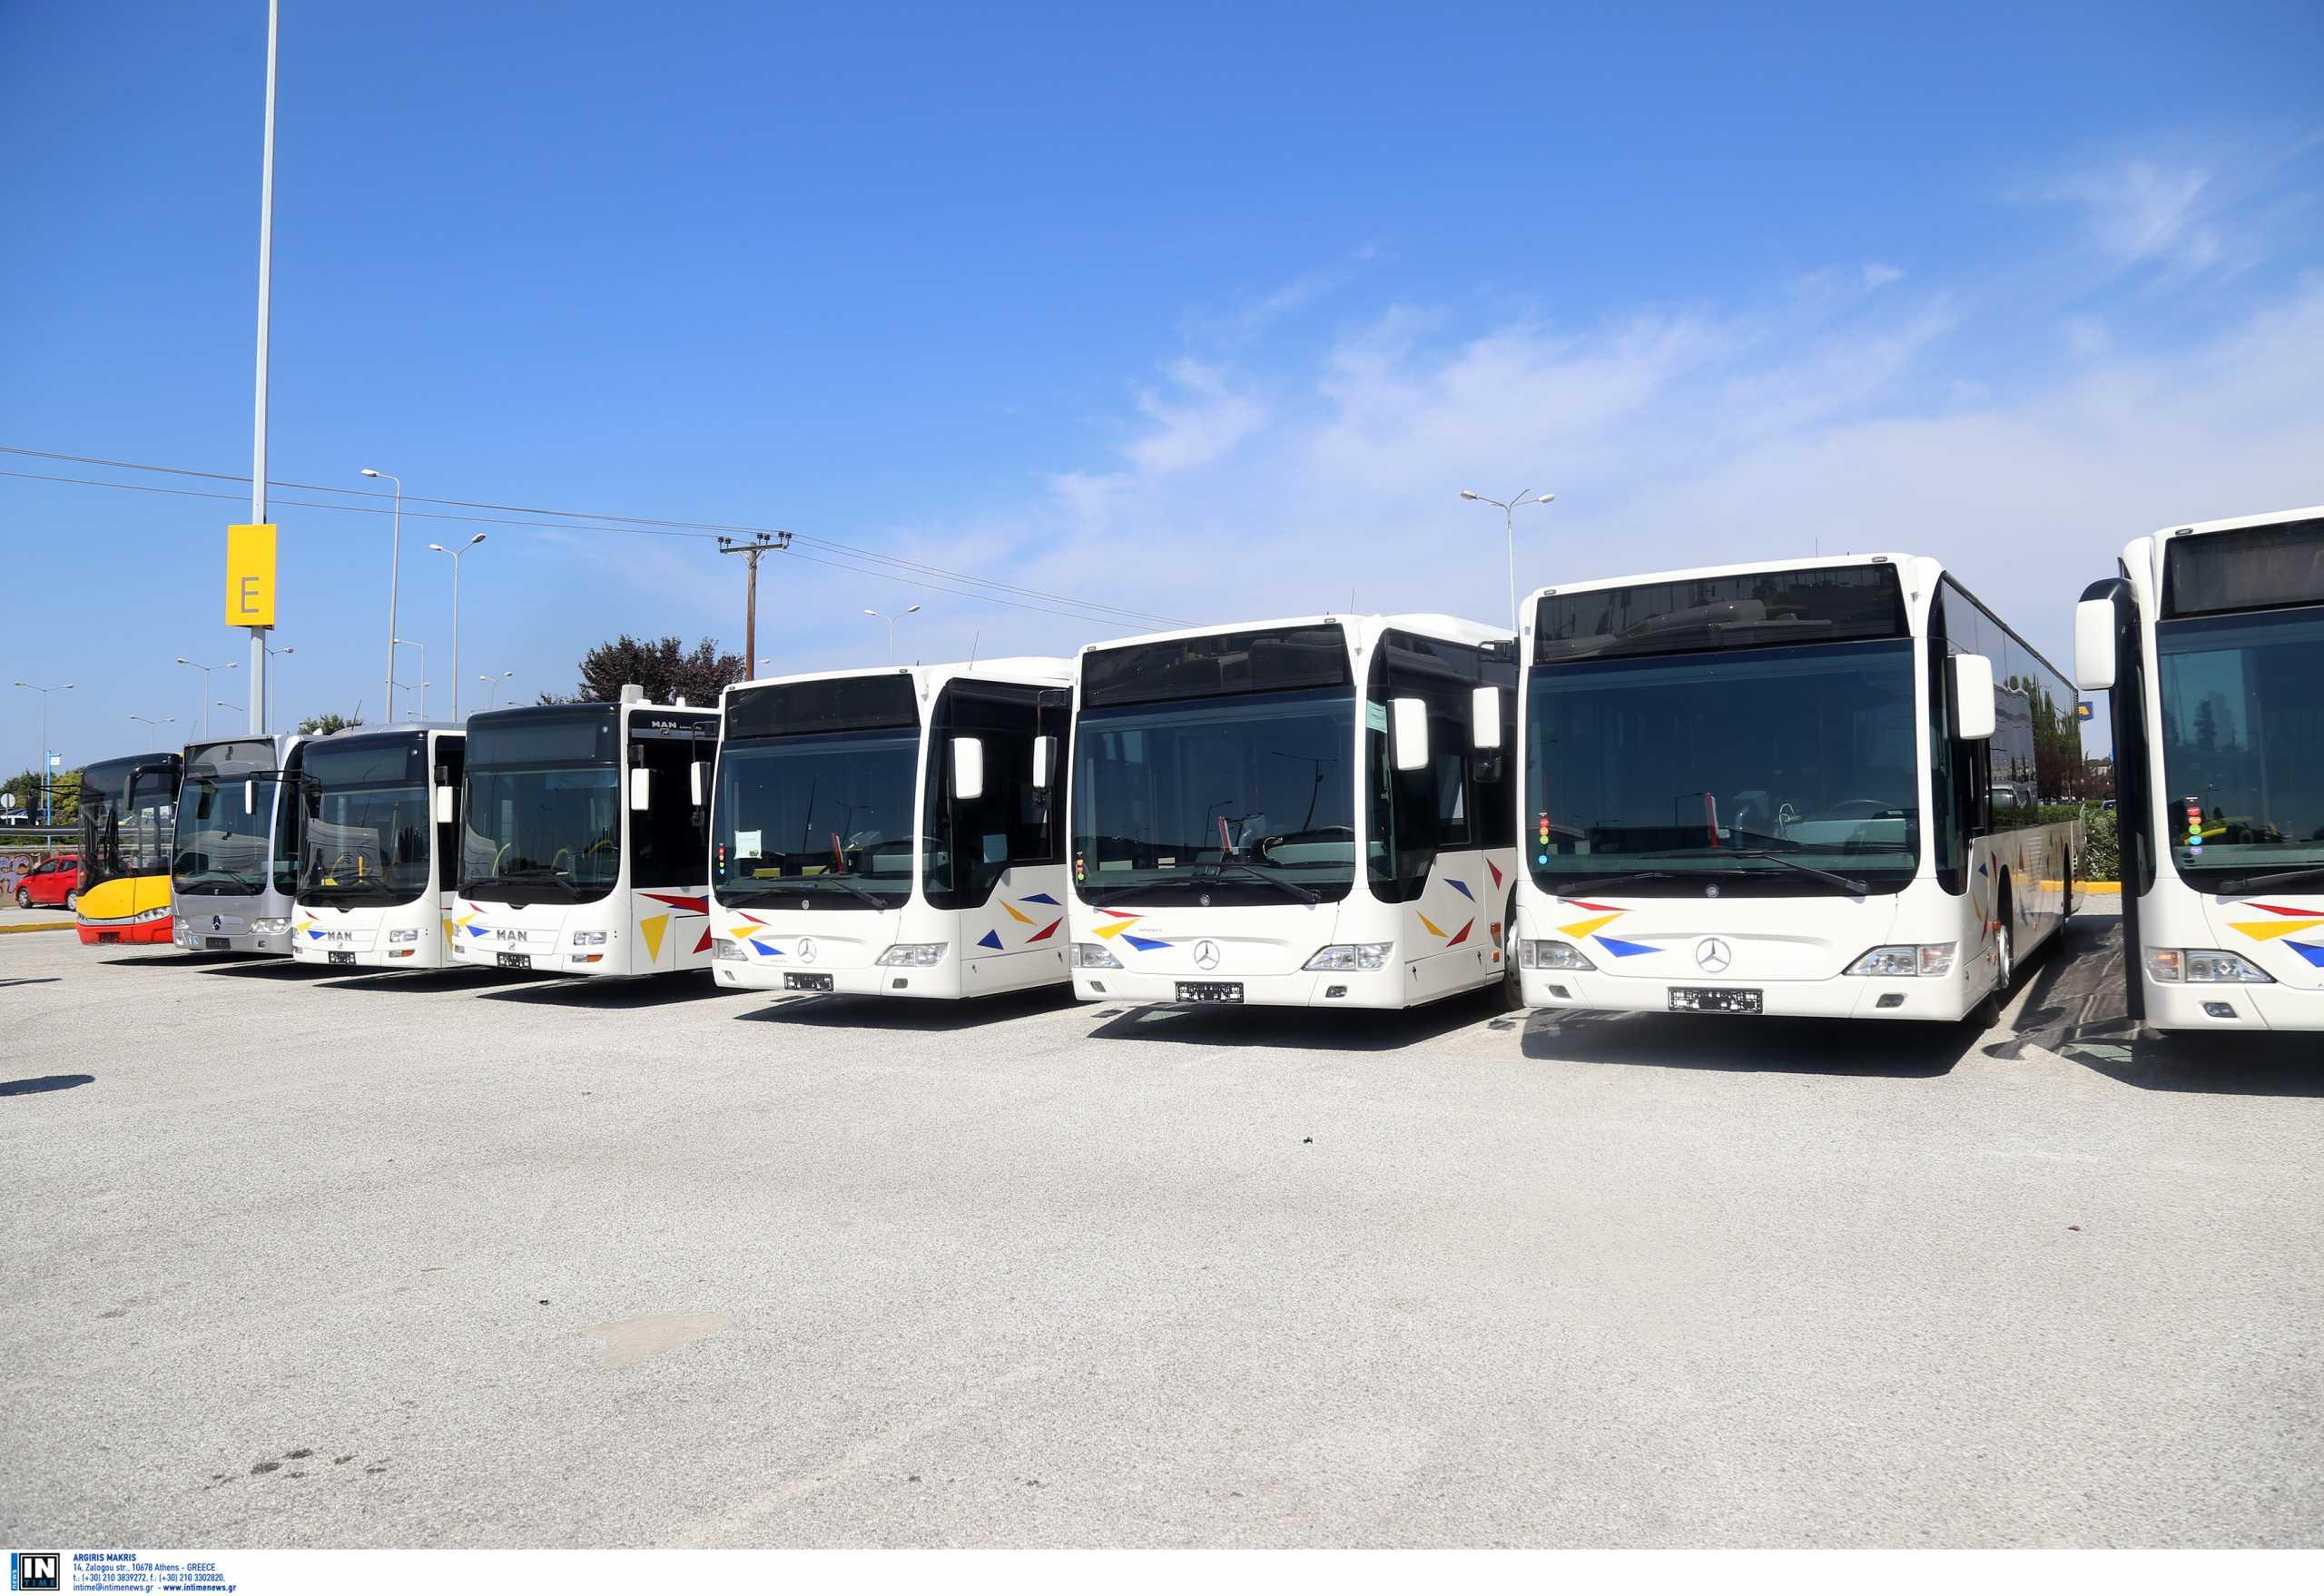 Υπουργείο Μεταφορών: Αρχίζει η δημόσια διαβούλευση για την προμήθεια 800 νέων λεωφορείων